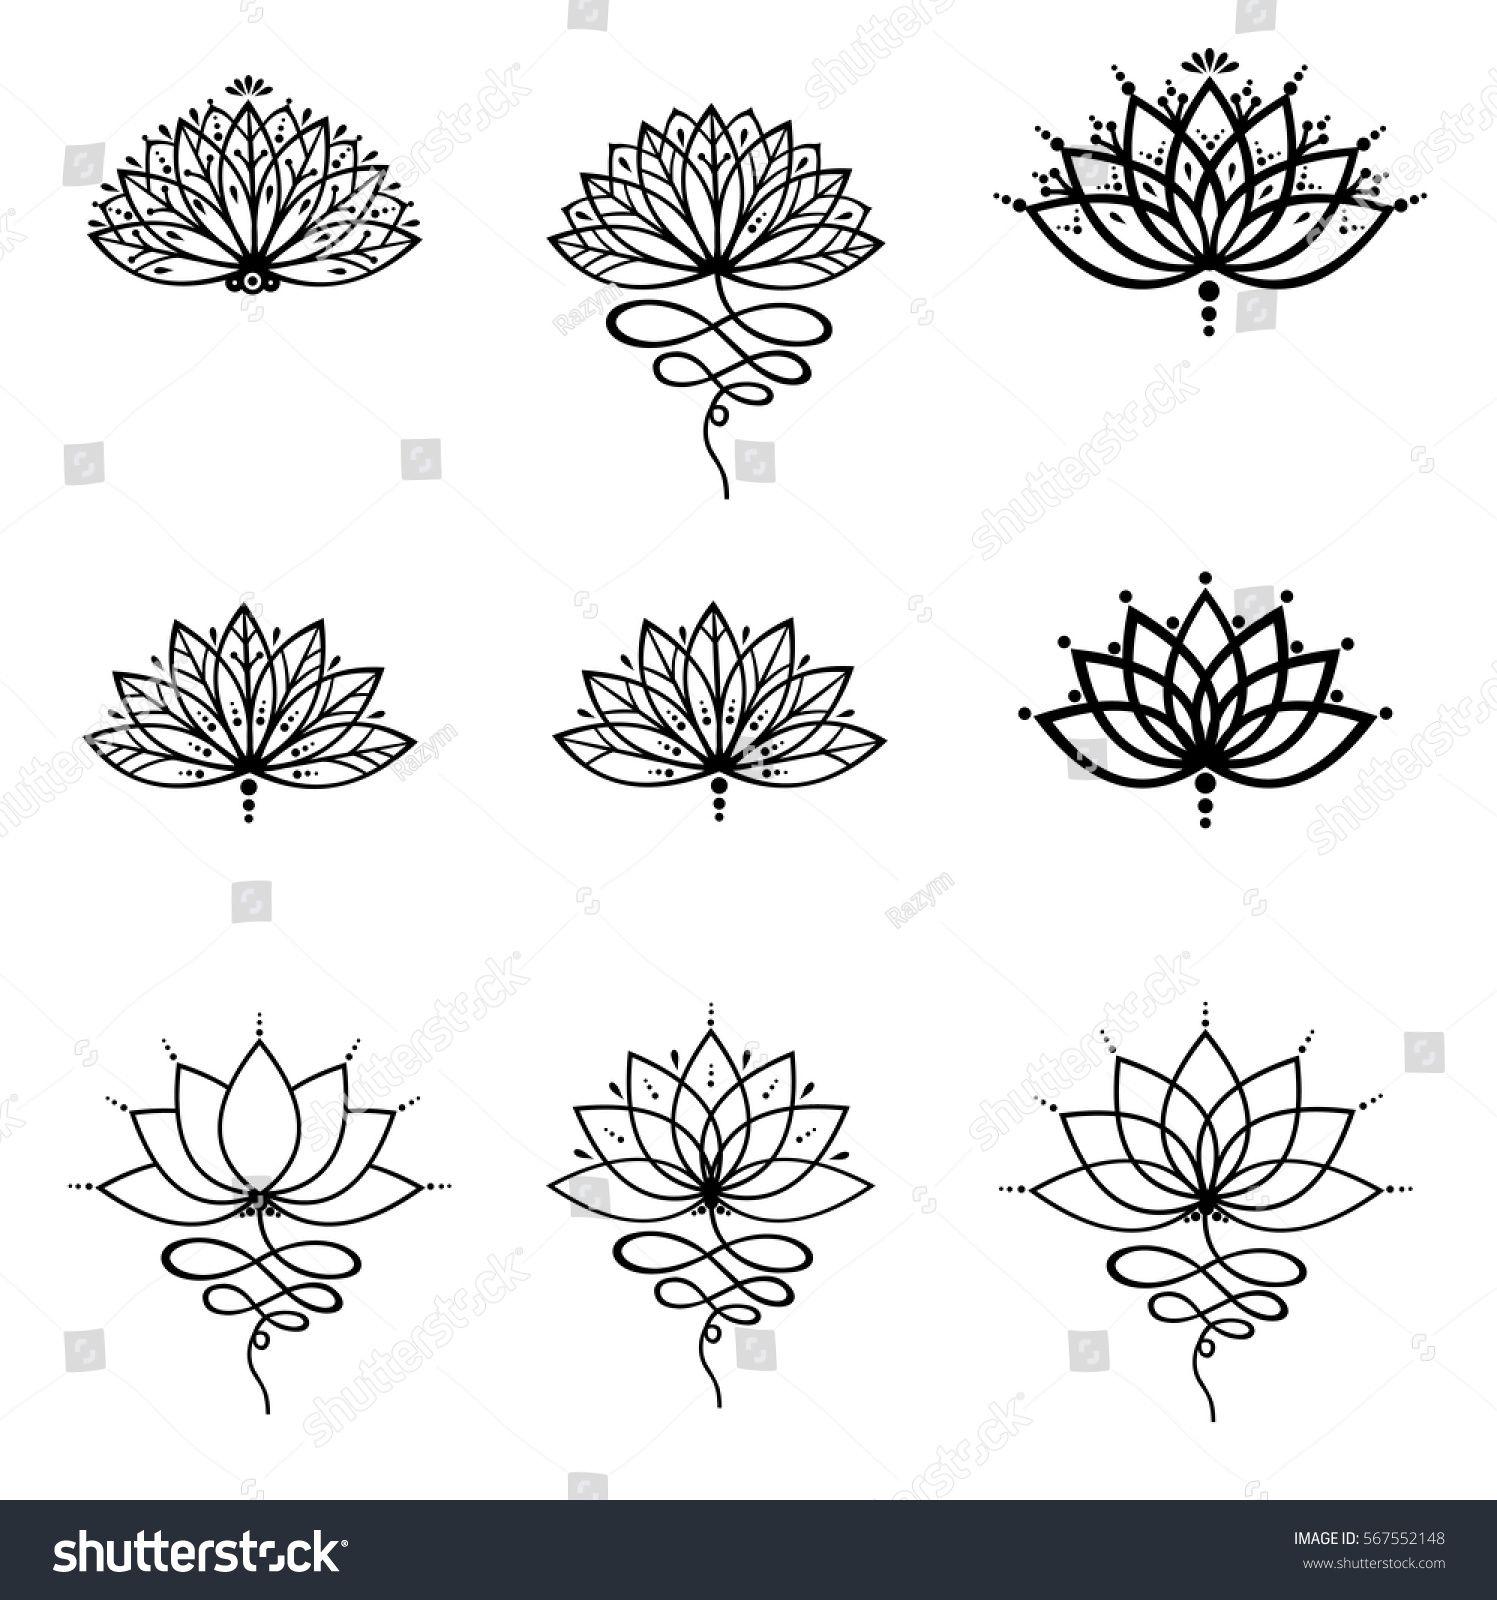 Set Ornamental Lotus Flower Vector Illustrtation Tattoo Patterned